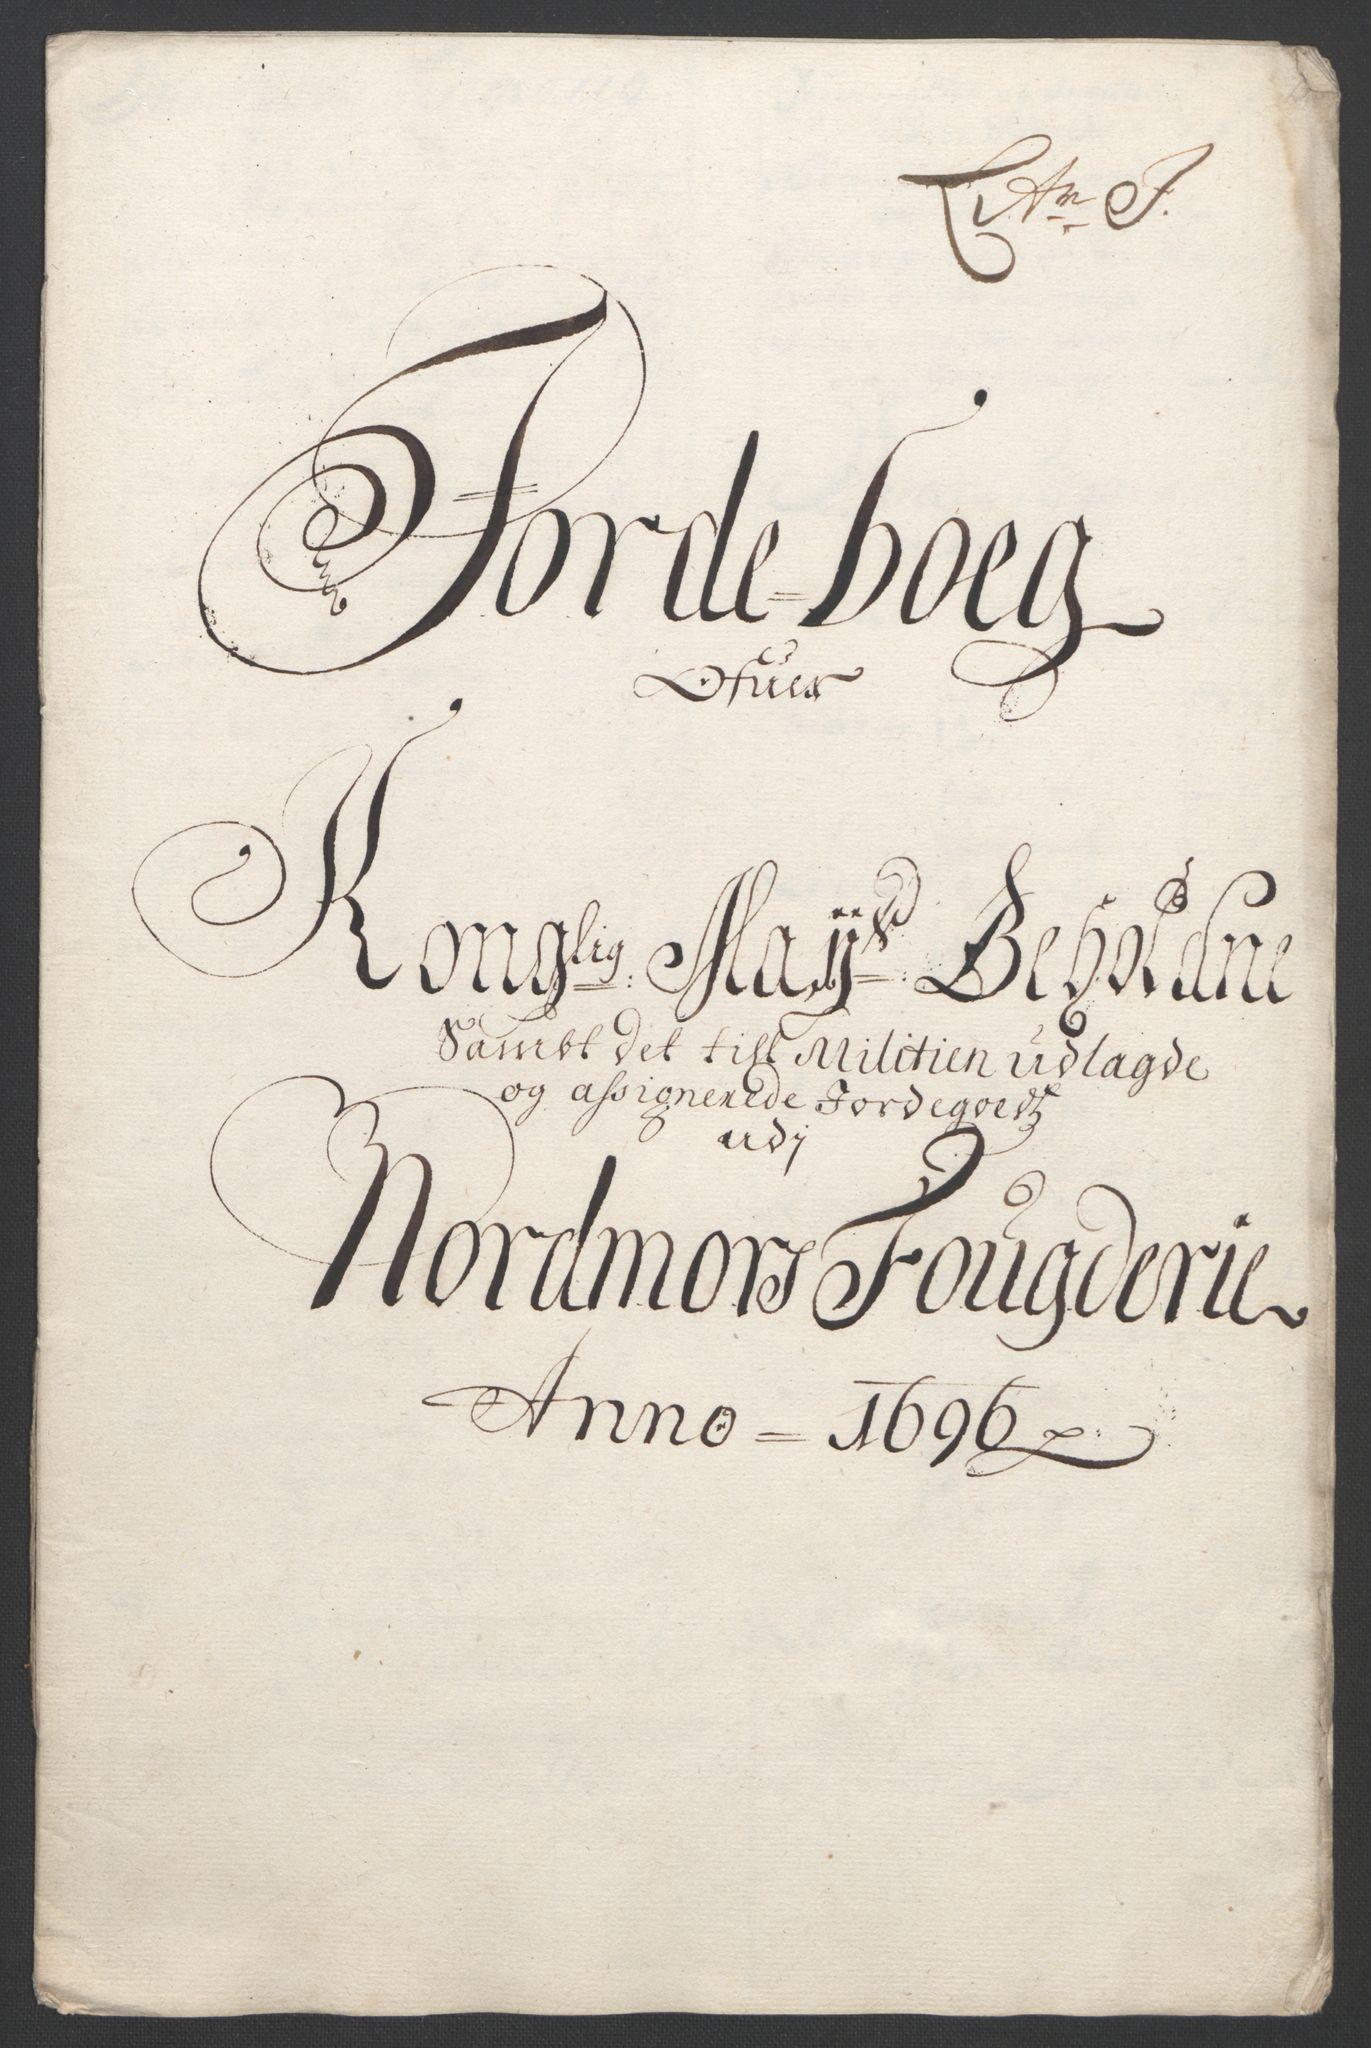 RA, Rentekammeret inntil 1814, Reviderte regnskaper, Fogderegnskap, R56/L3736: Fogderegnskap Nordmøre, 1694-1696, s. 428